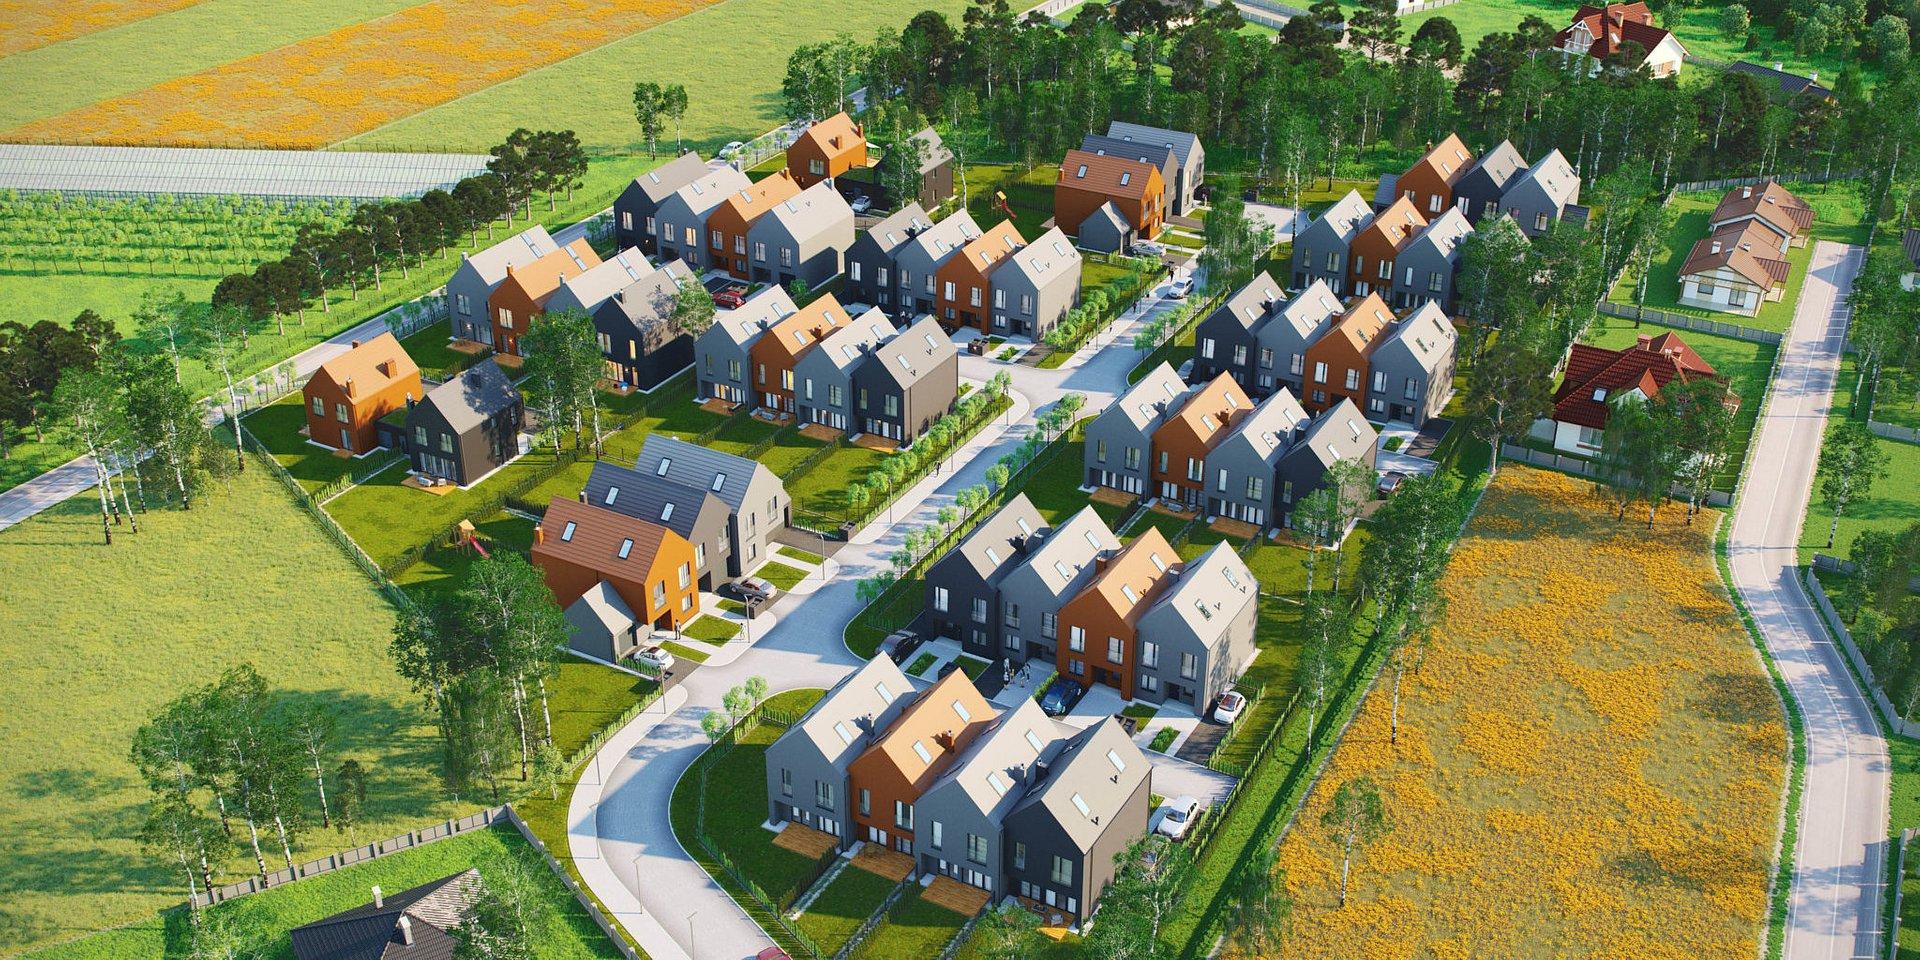 W 2020 r. będzie można zamieszkać w okolicy Kampinosu na nowym osiedlu wg koncepcji e4 Wienerberger